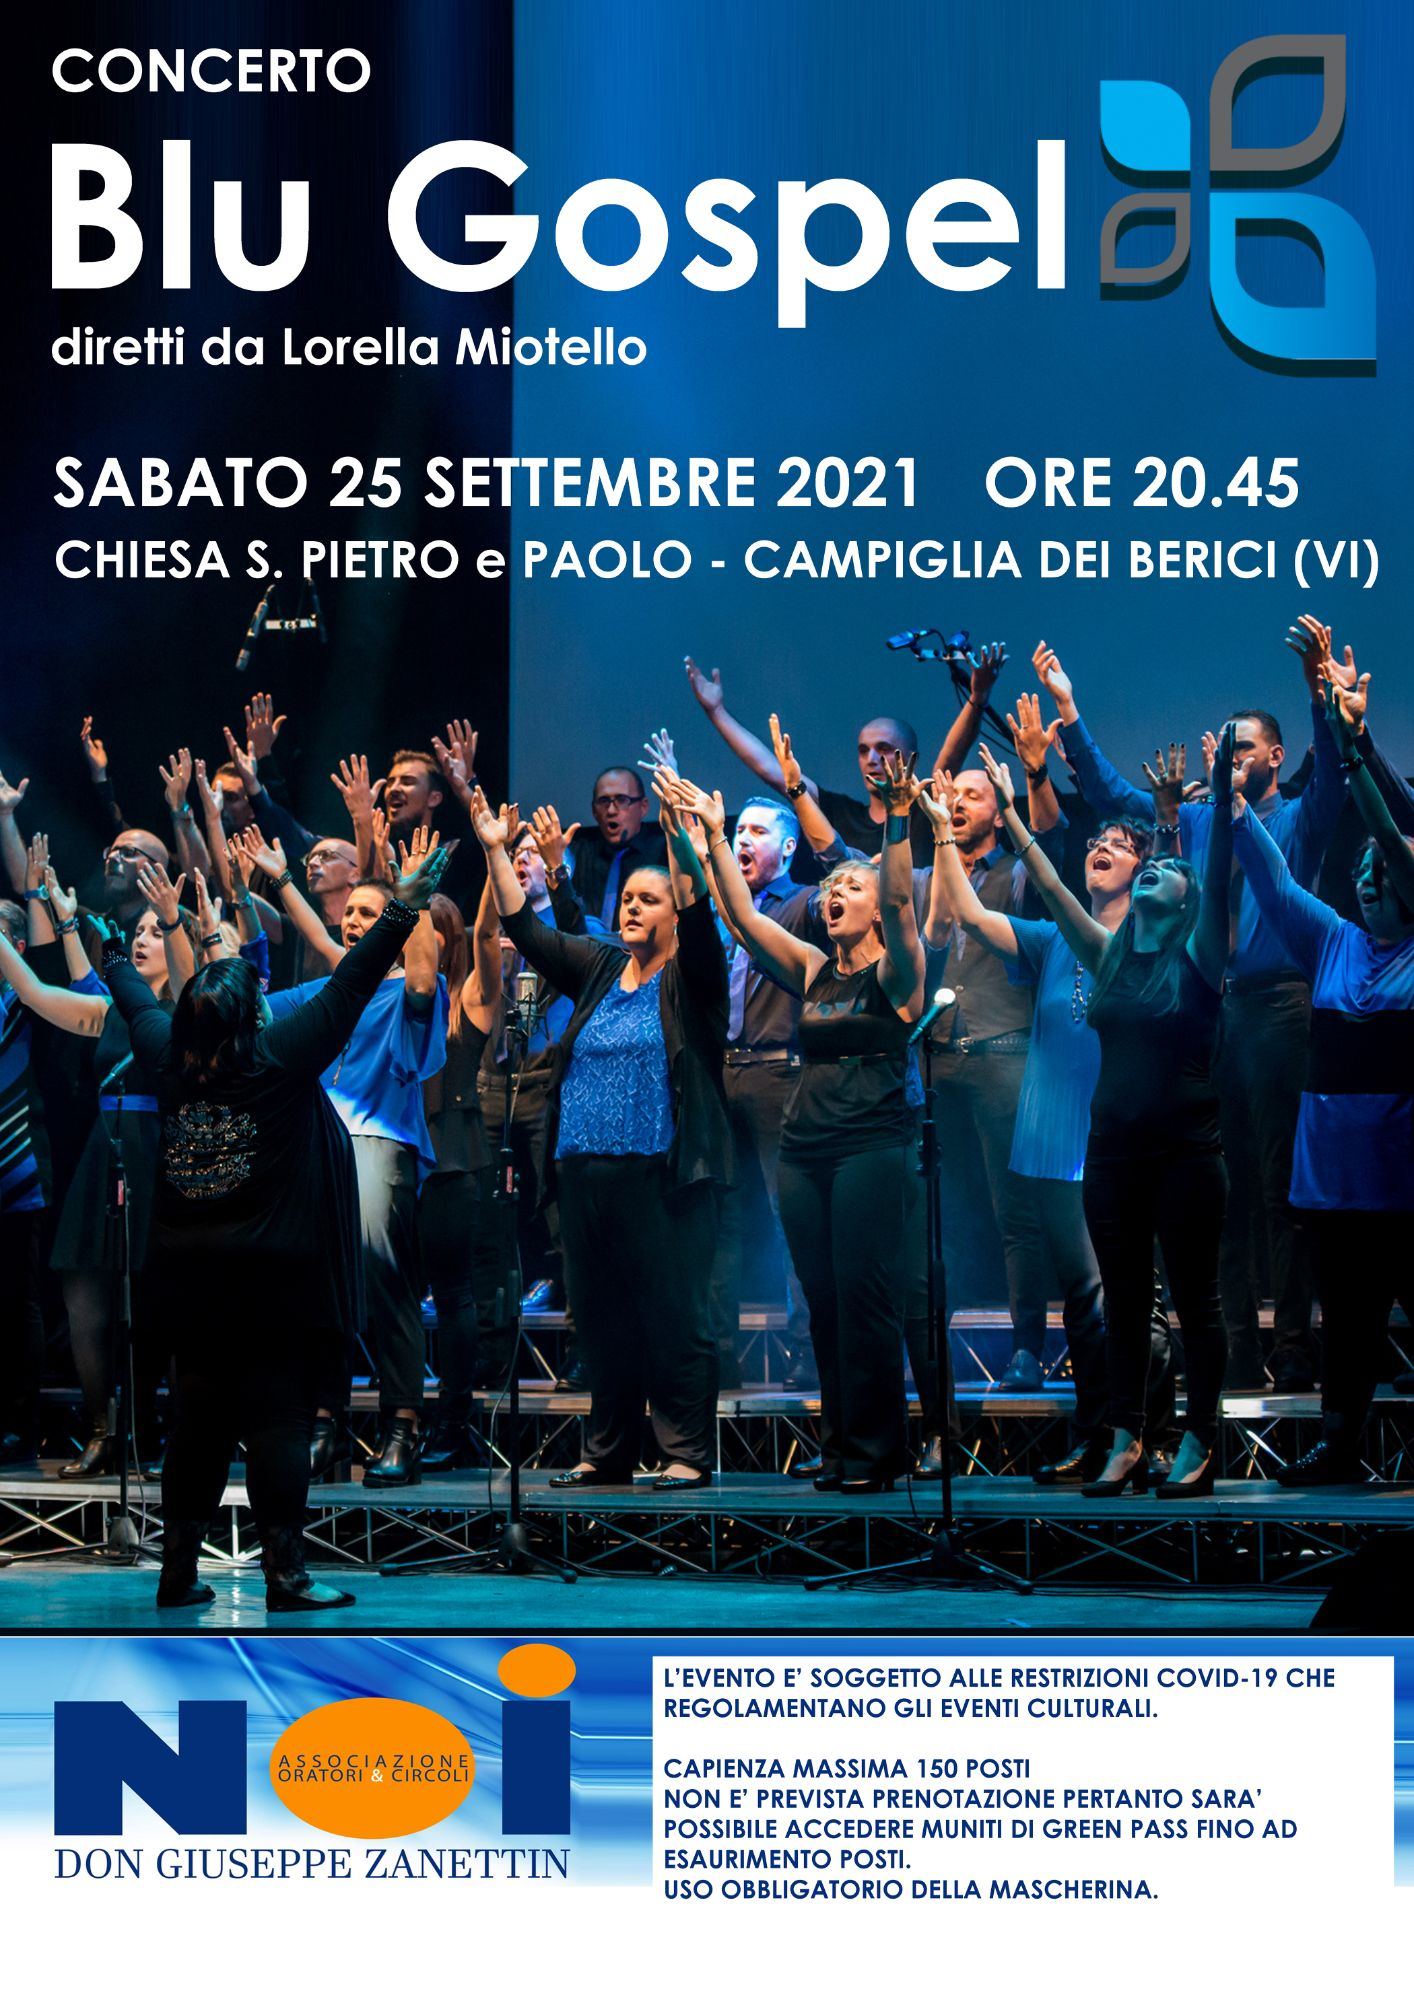 Concerto 25 Settembre 2021 - Campiglia dei Berici